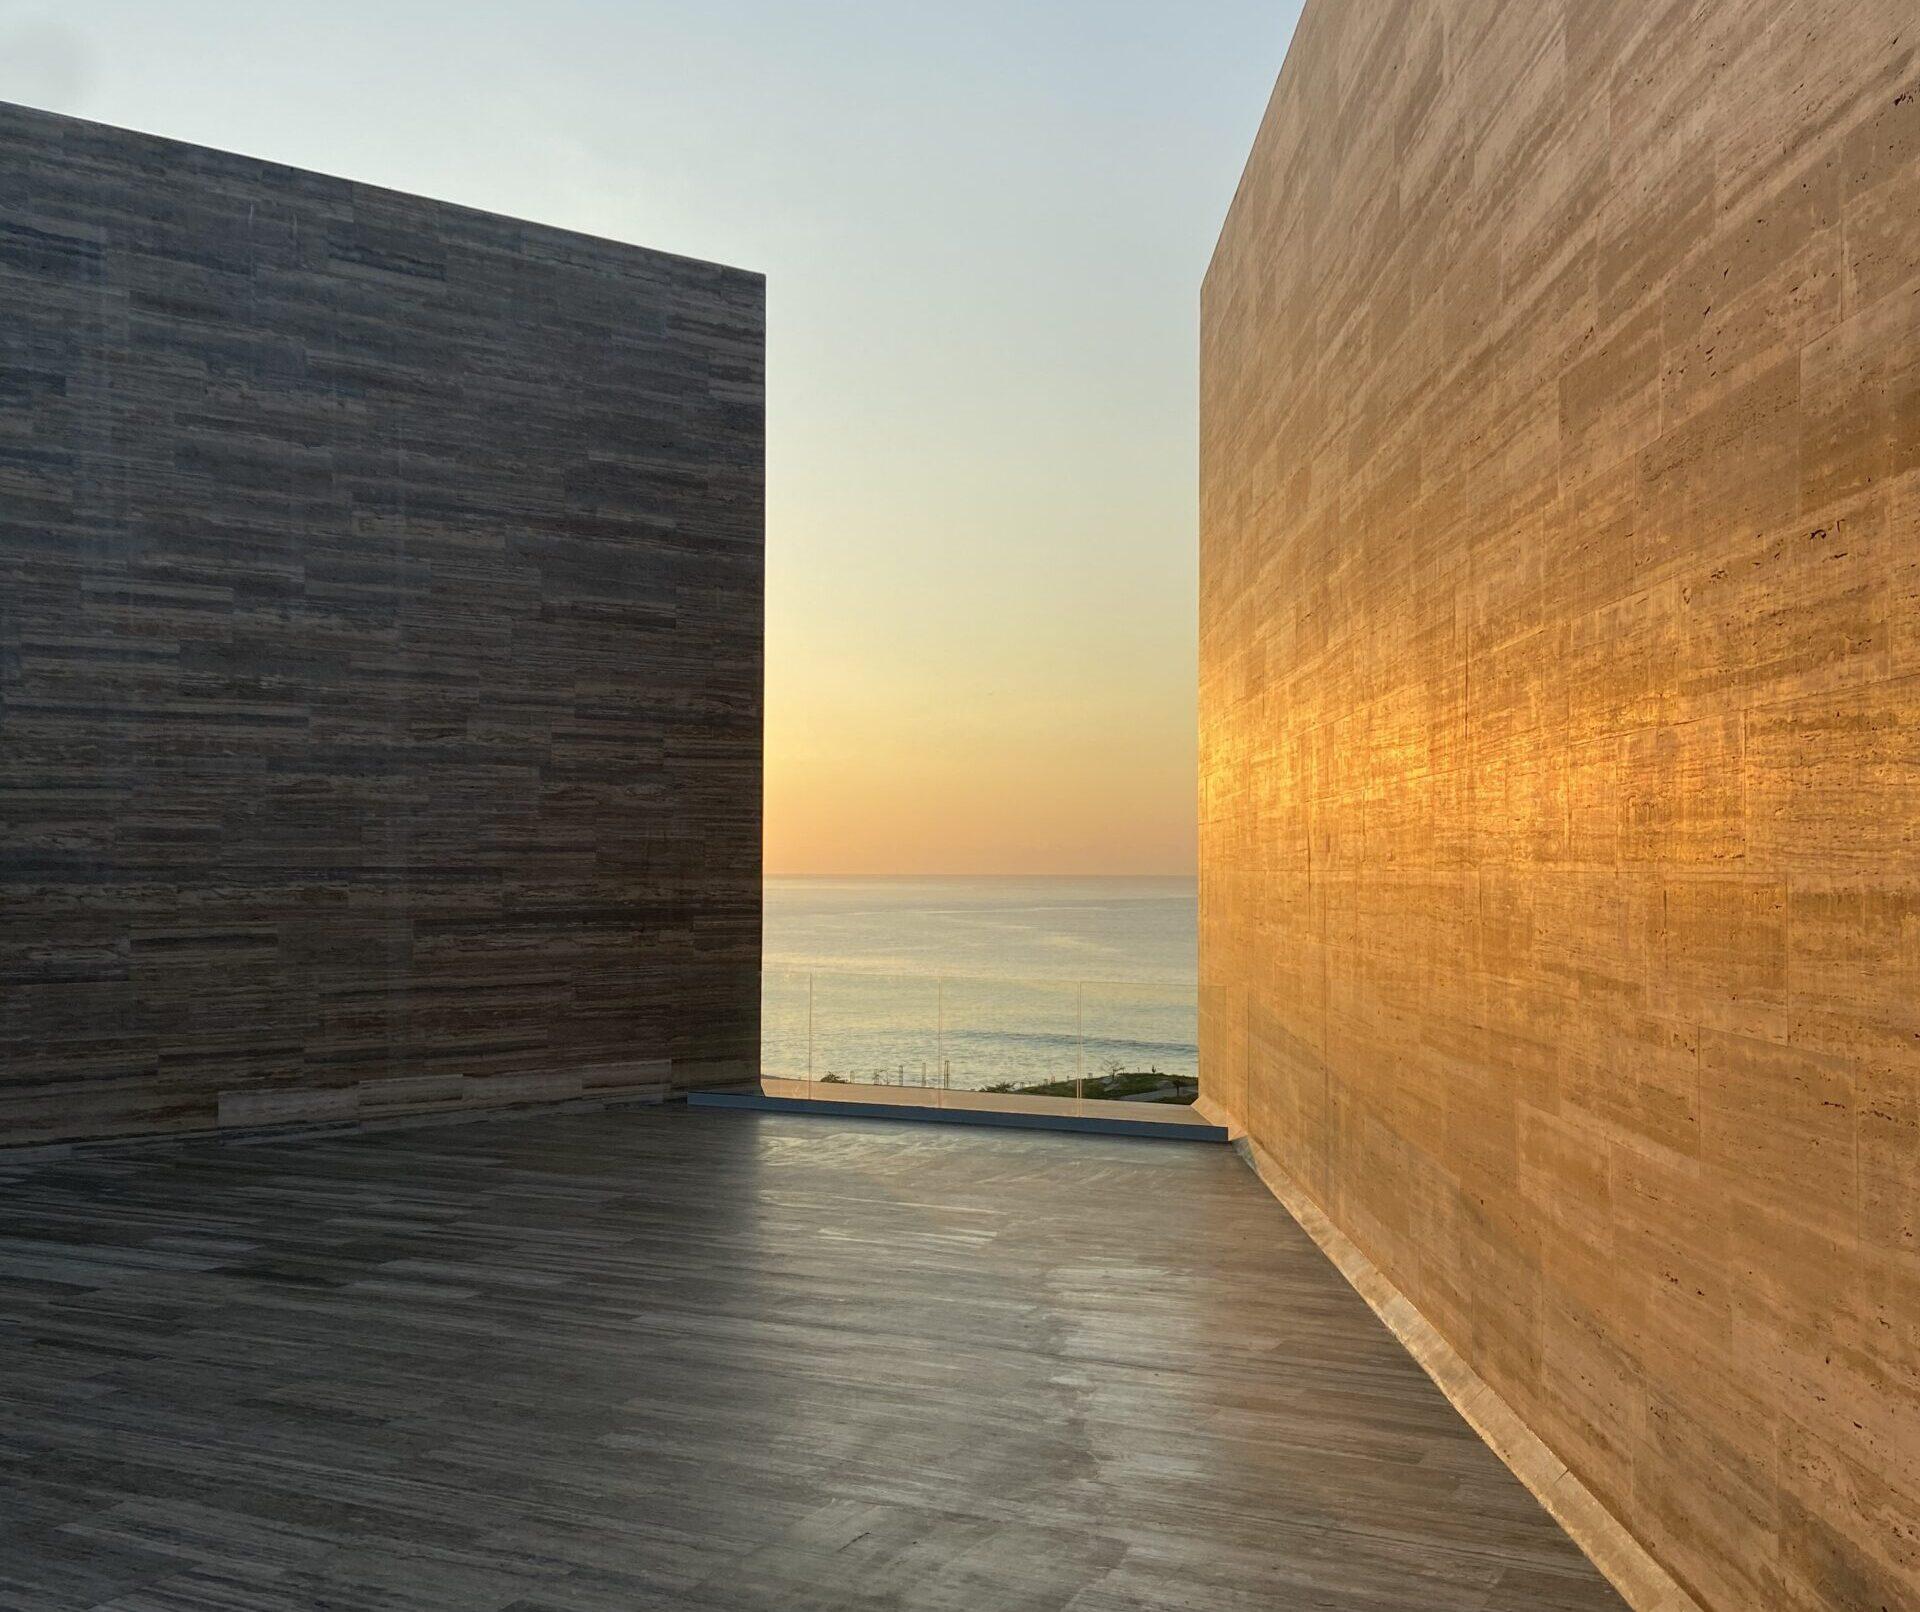 Solaz Sunrise Cabo